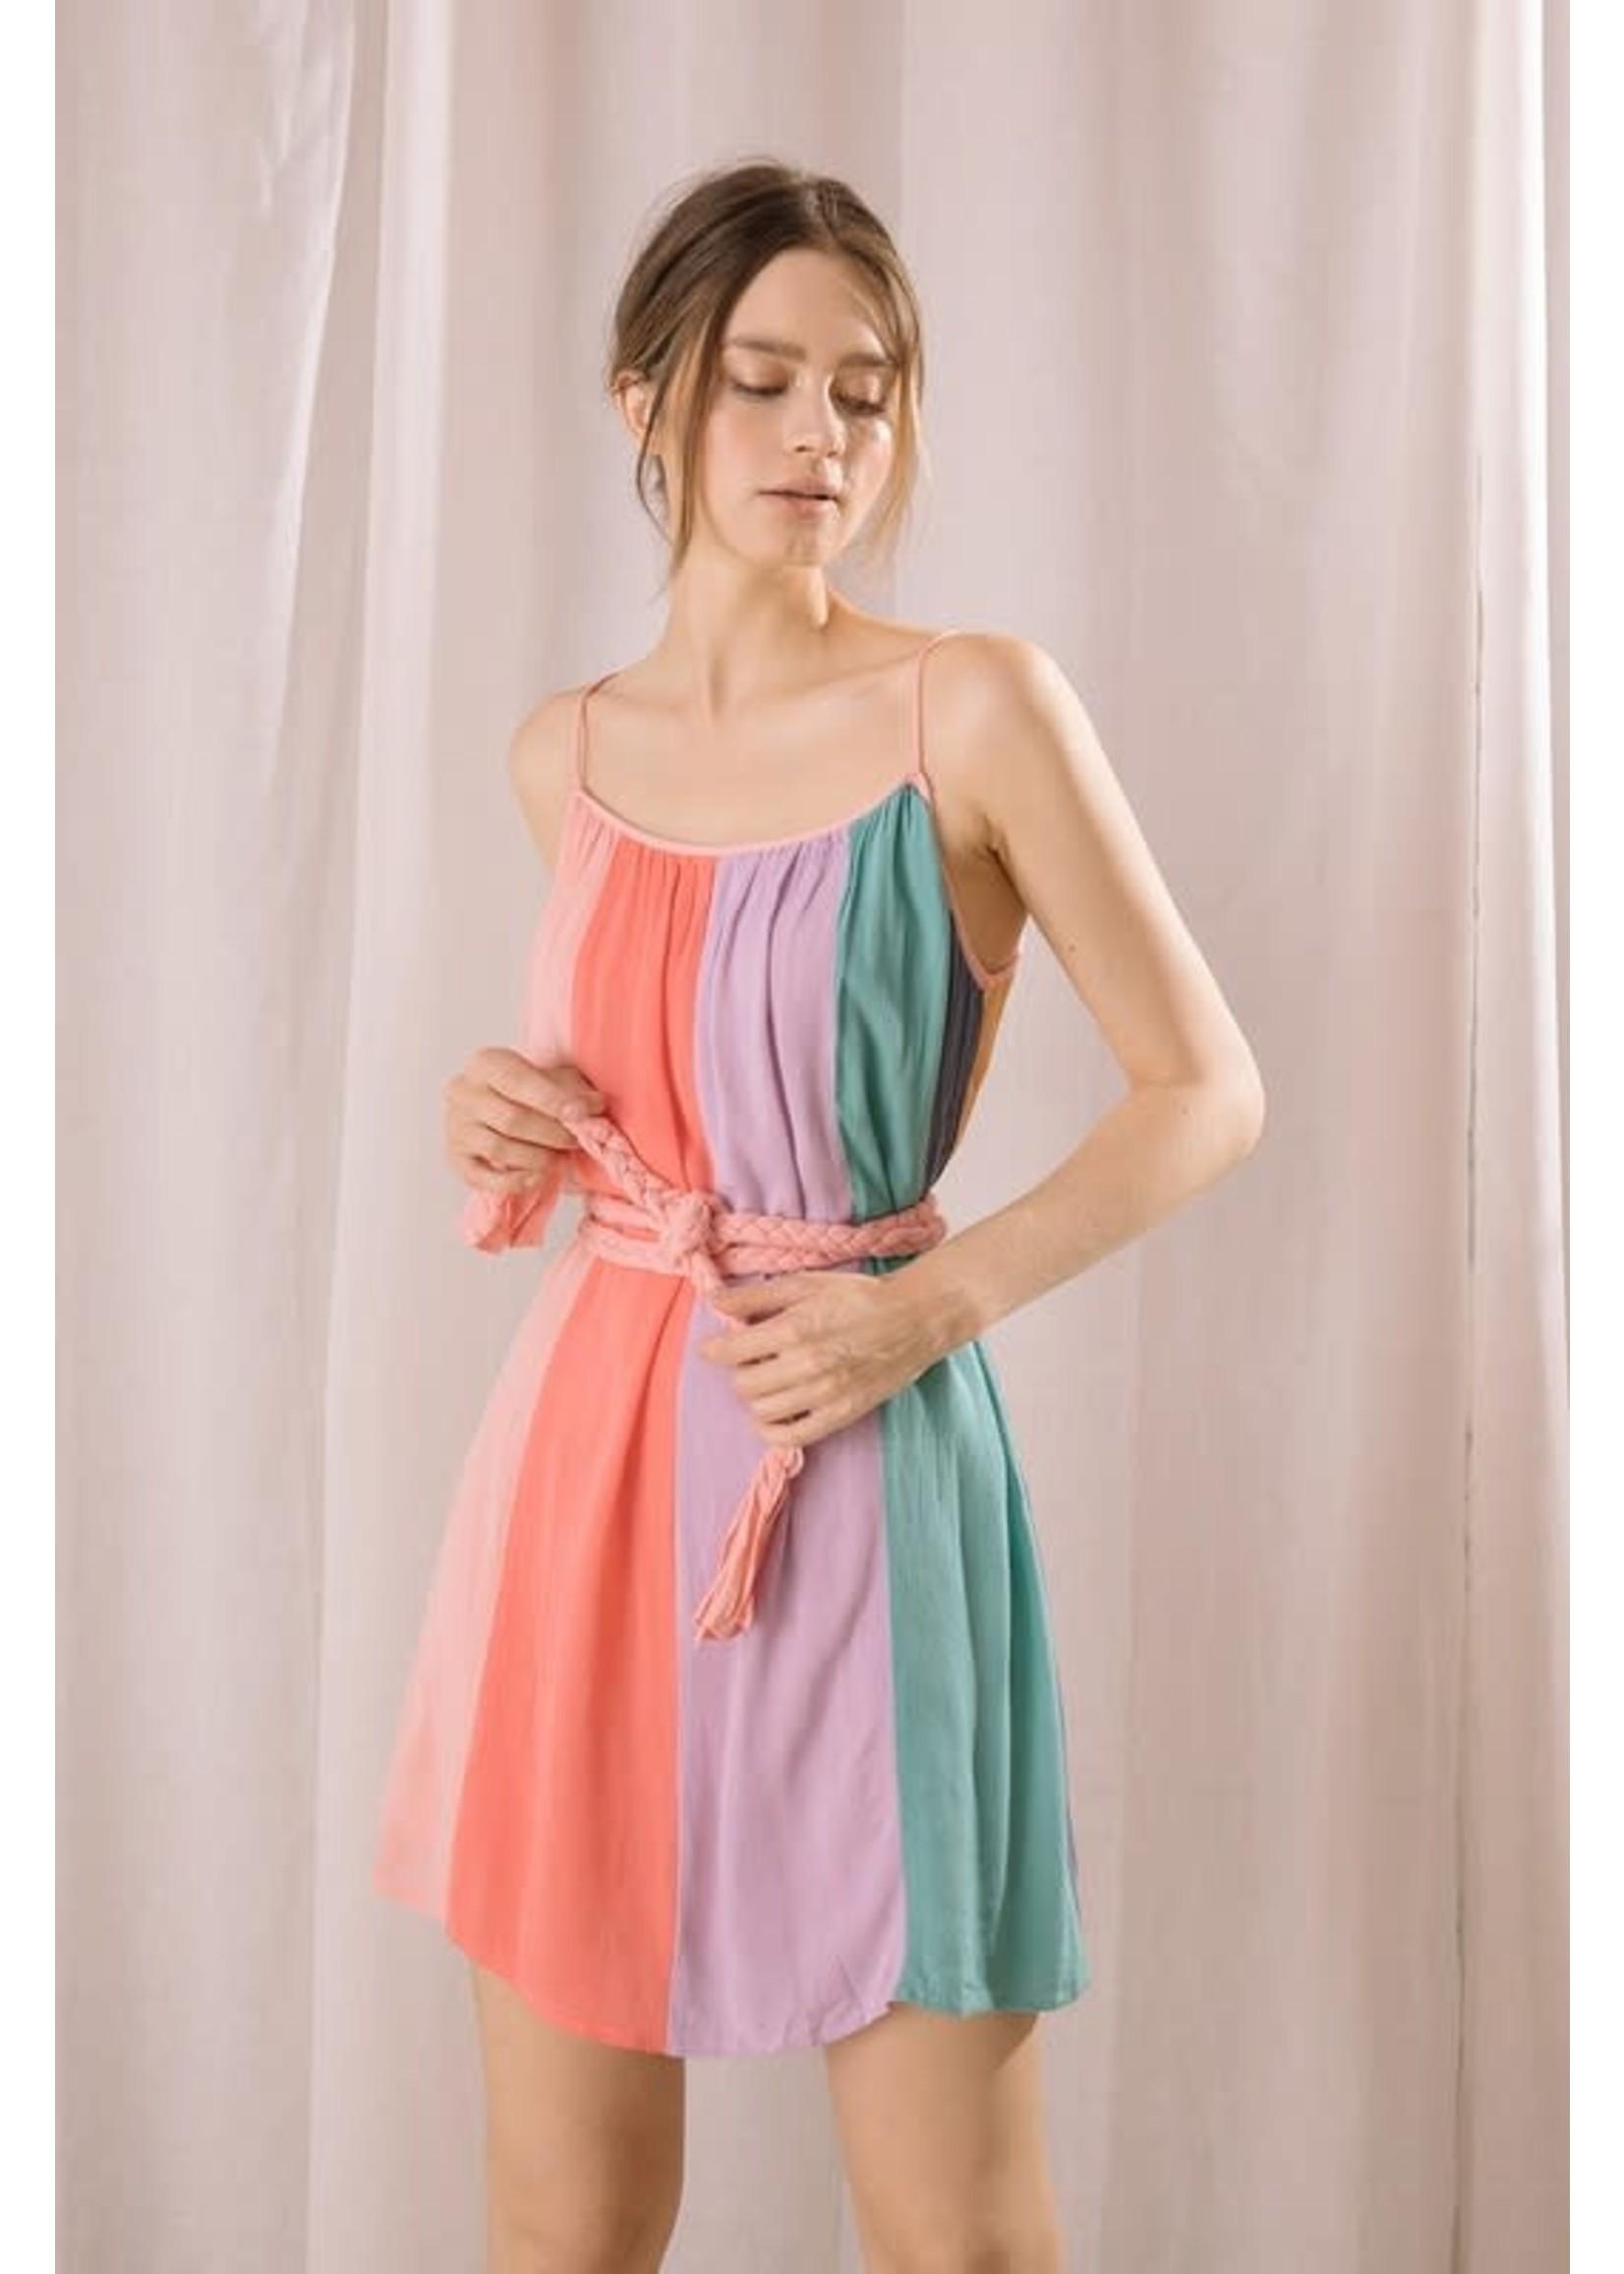 Storia Bright Color Block Mini Dress - JD2009EF